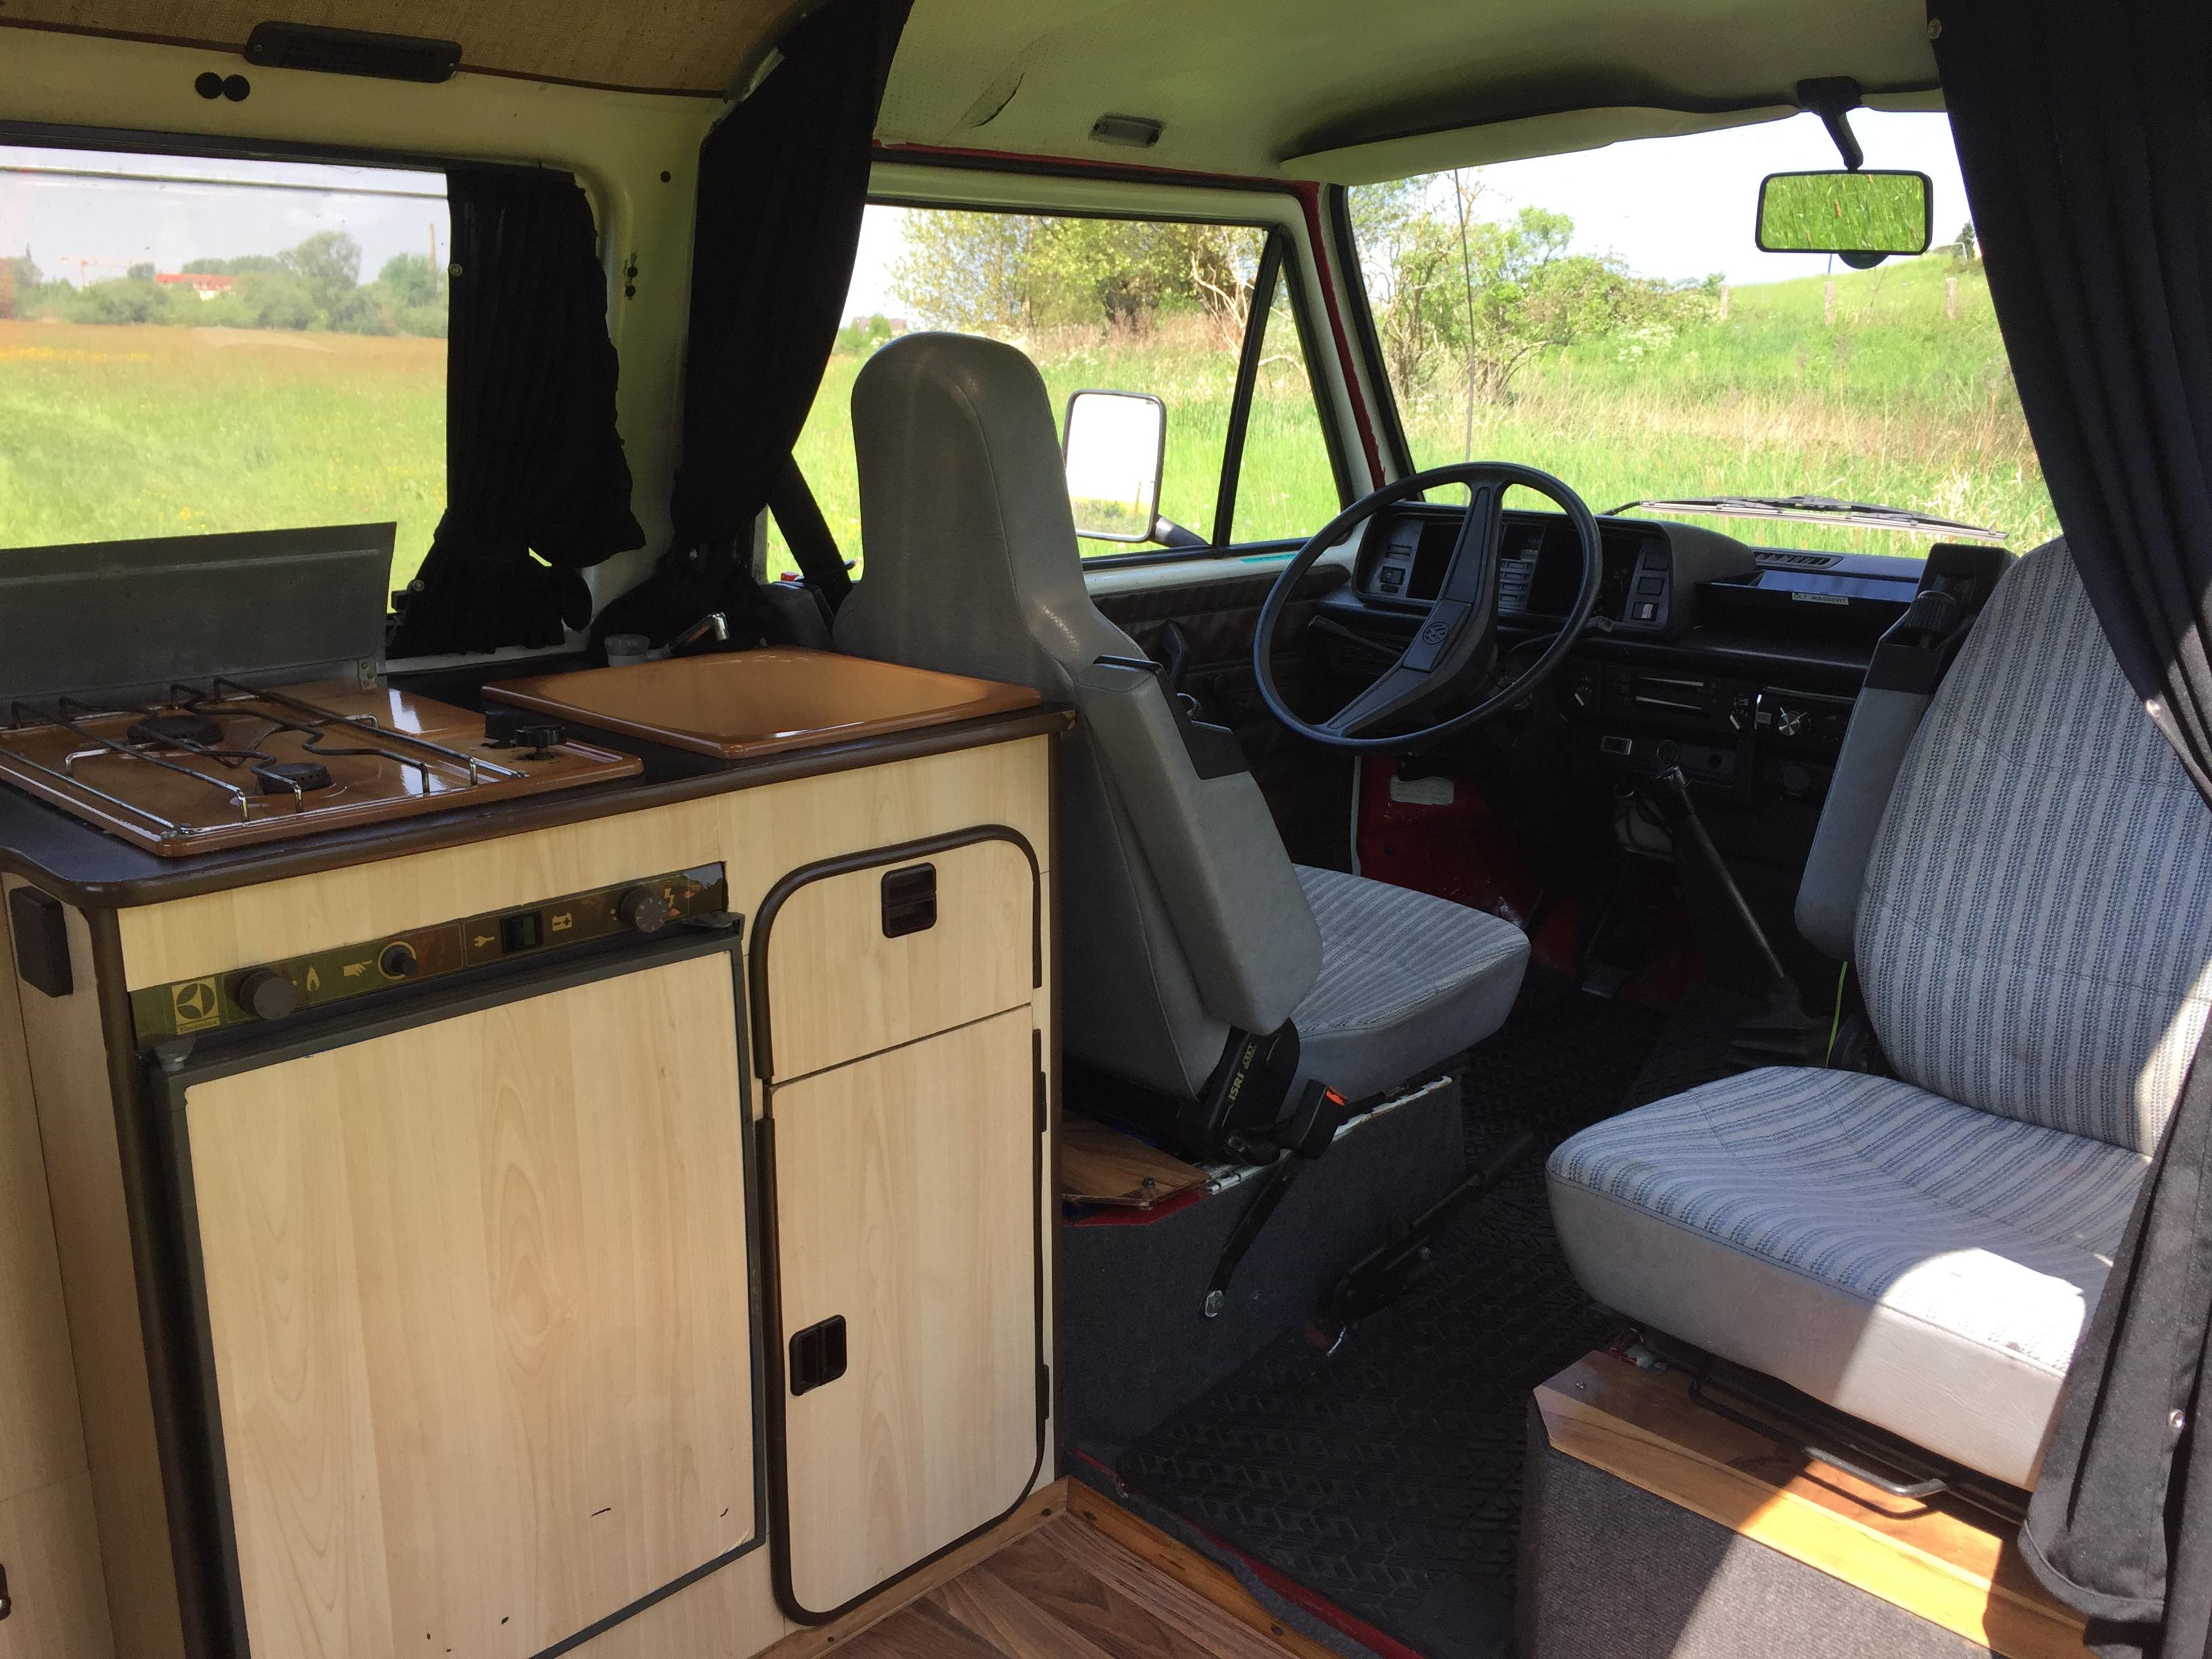 VW-T3-camper-mieten-rostock-urlaub-ostsee-schweden-norwegen-5